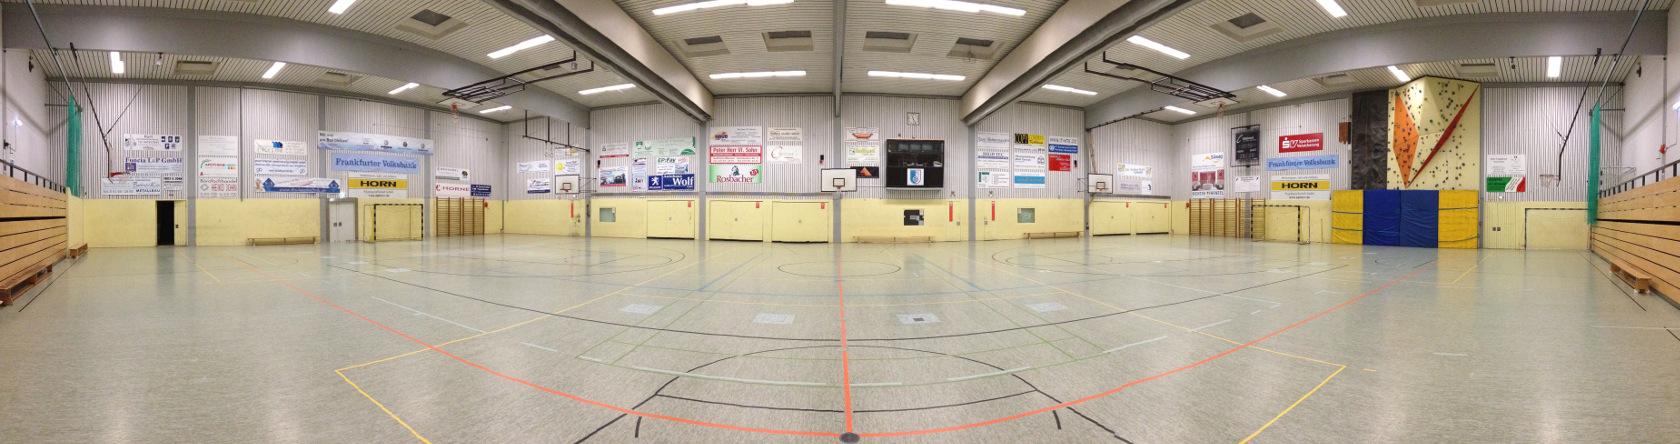 tsg-muenster-eichendorffhalle-kelkheim2